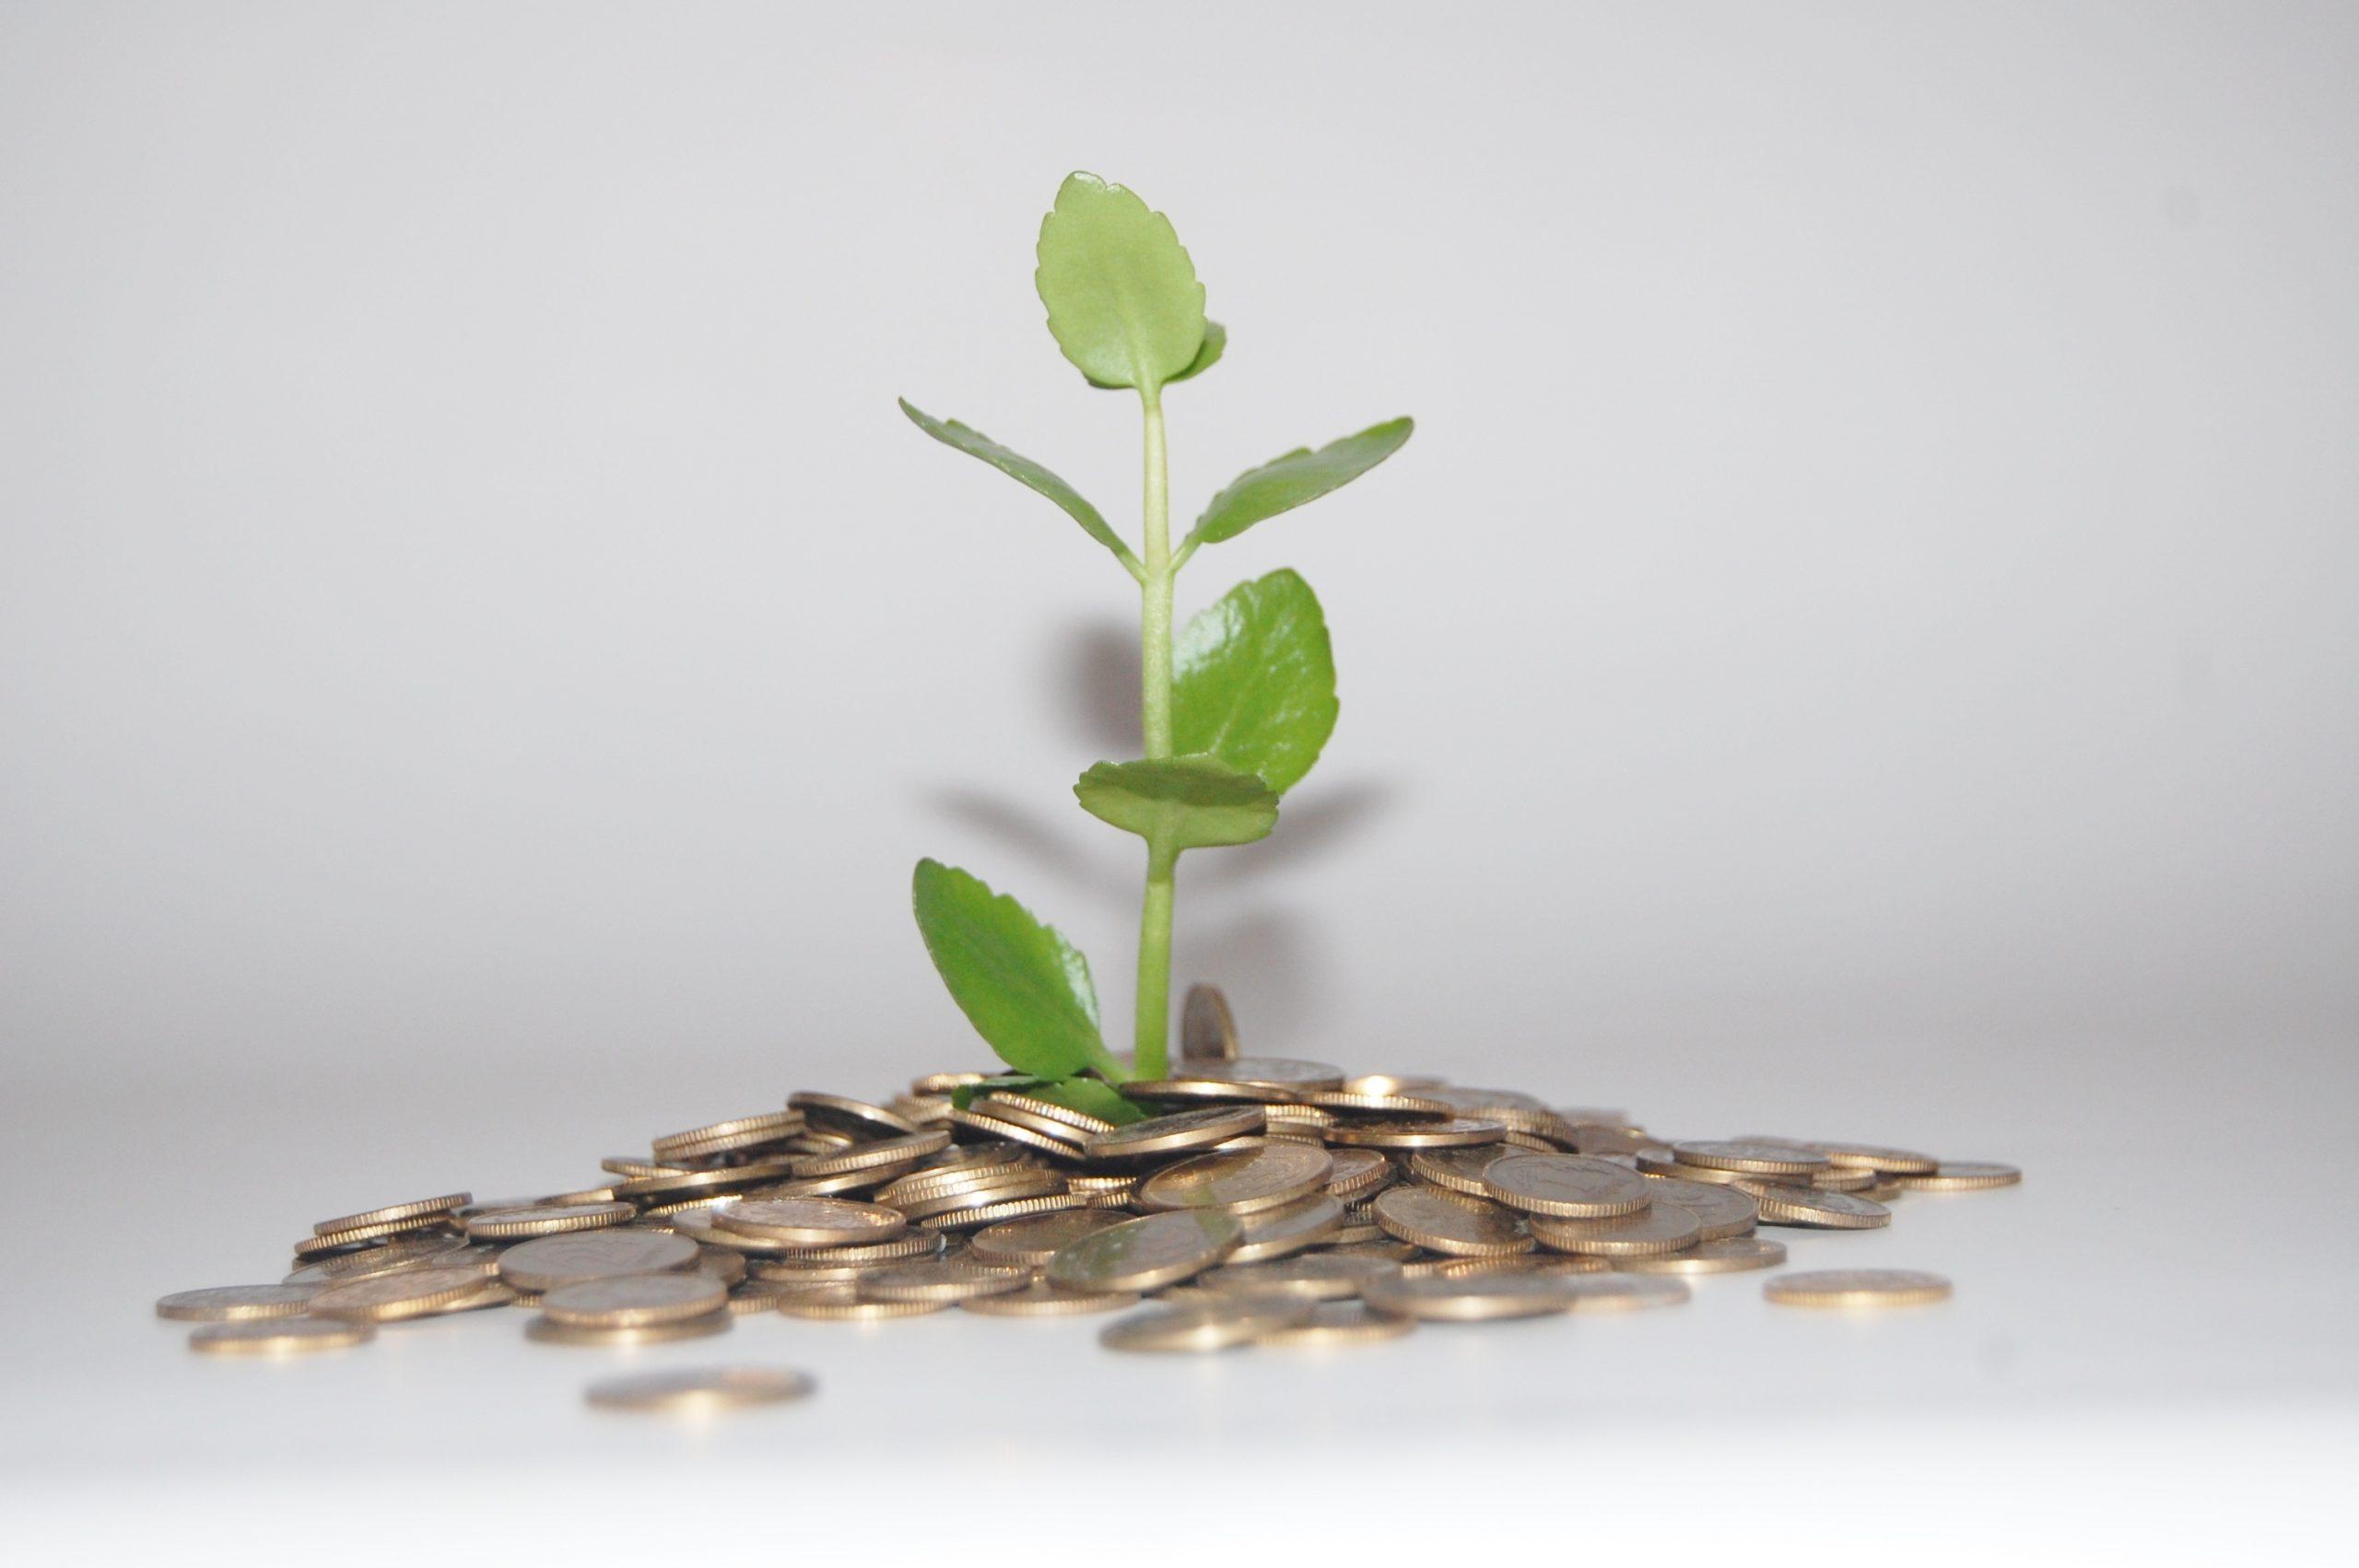 Pflanze aus Geld-Haufen